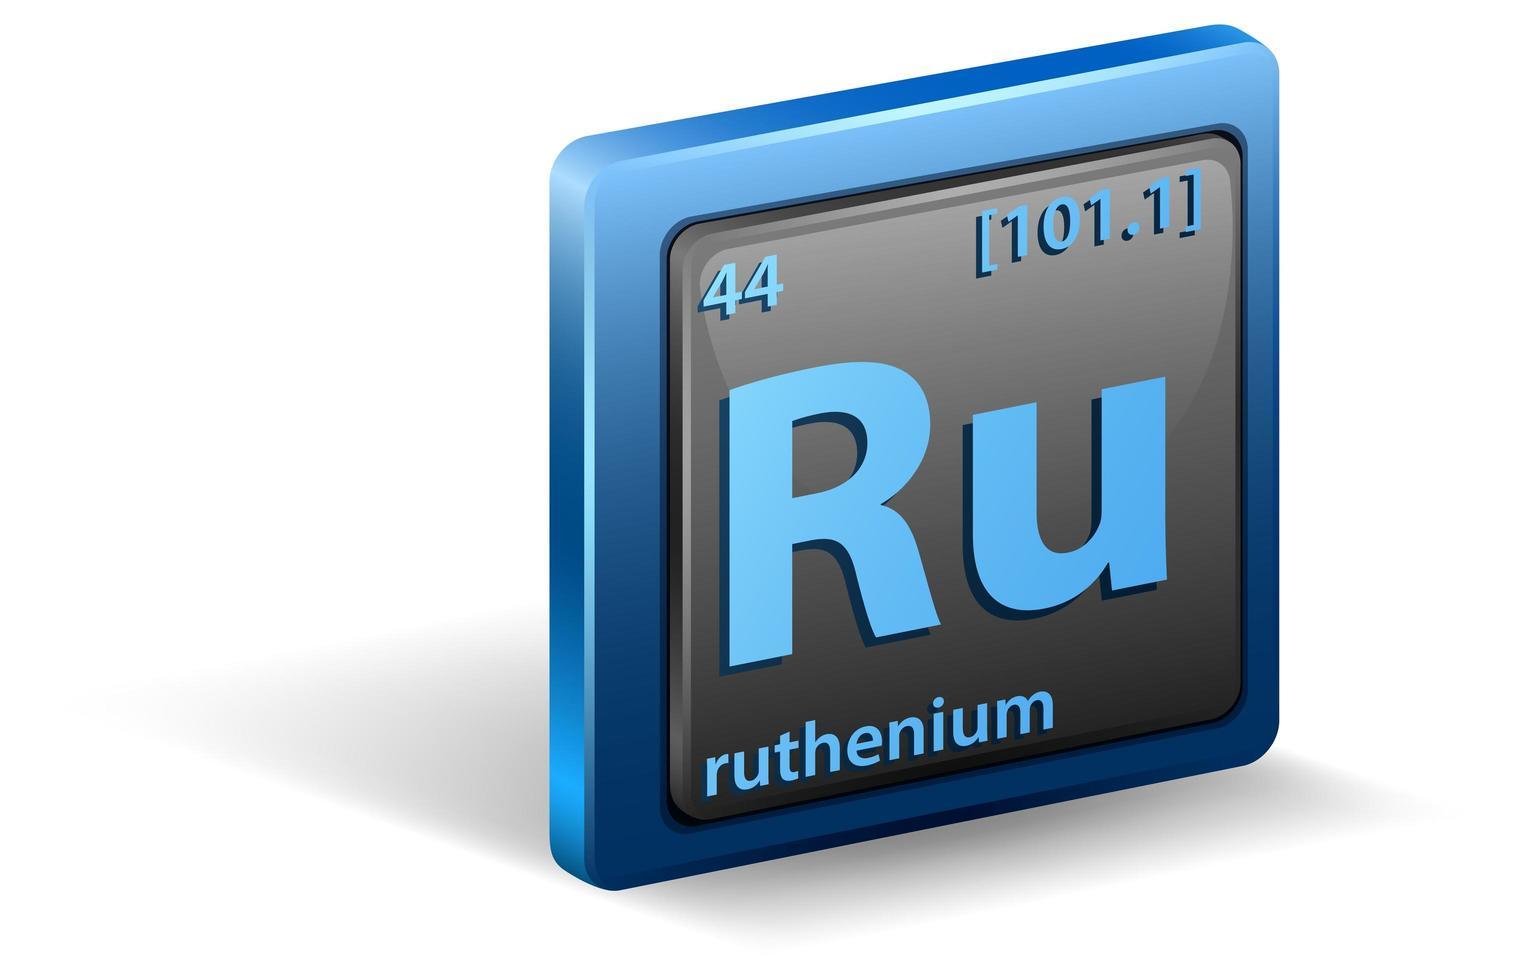 elemento chimico del rutenio. simbolo chimico con numero atomico e massa atomica. vettore